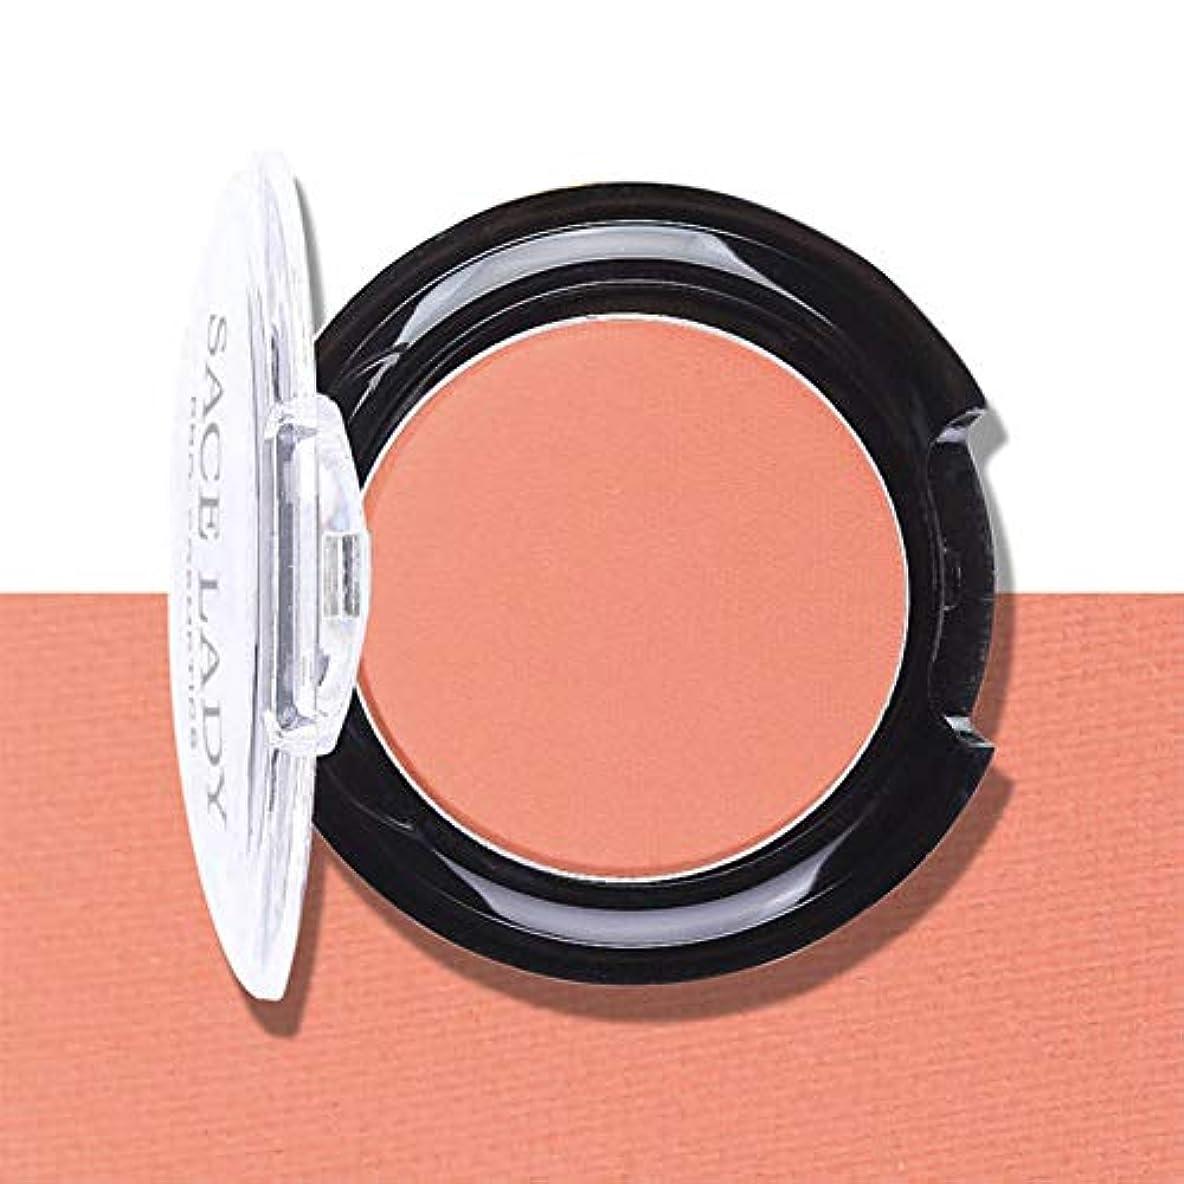 薄暗い十分処理するRabugogo マットアイシャドーパレット防水プロフェッショナルアイシャドー顔料ナチュラル長持ち化粧品 36